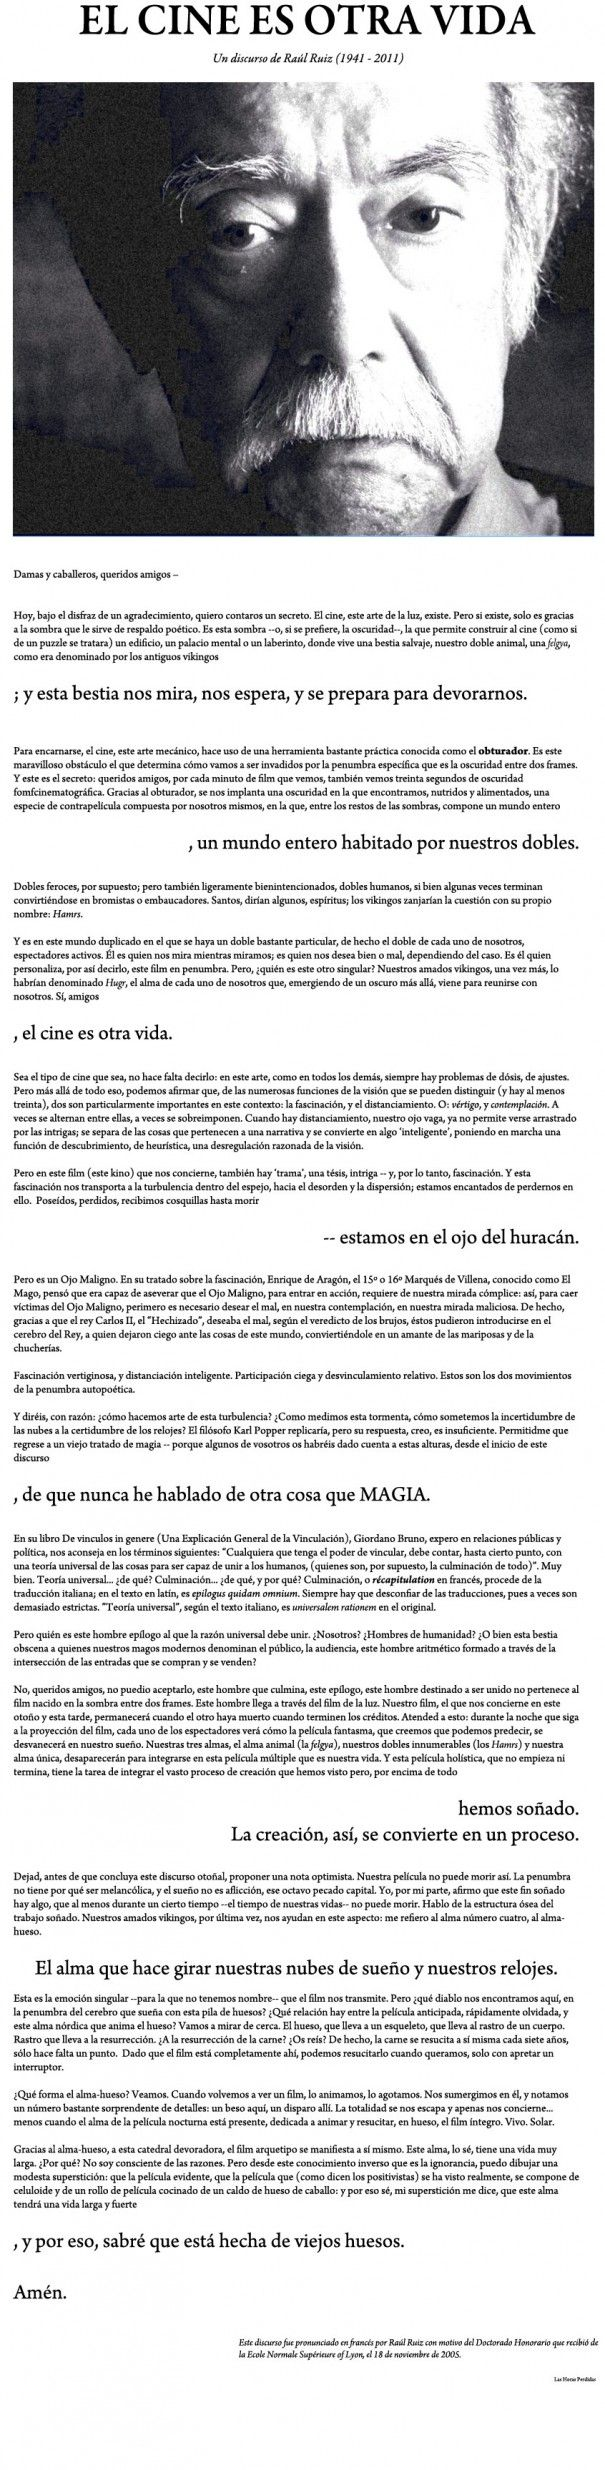 """""""El cine es otra vida"""" según Raúl Ruiz"""